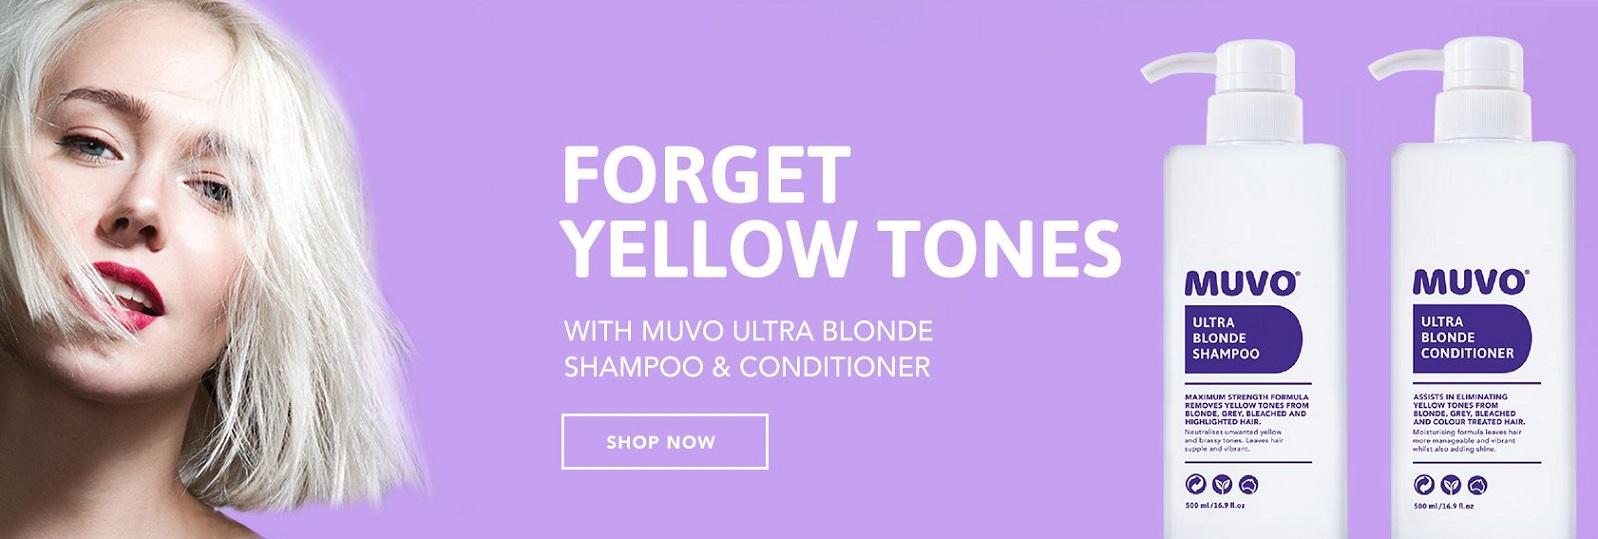 muvo-blonde.jpg